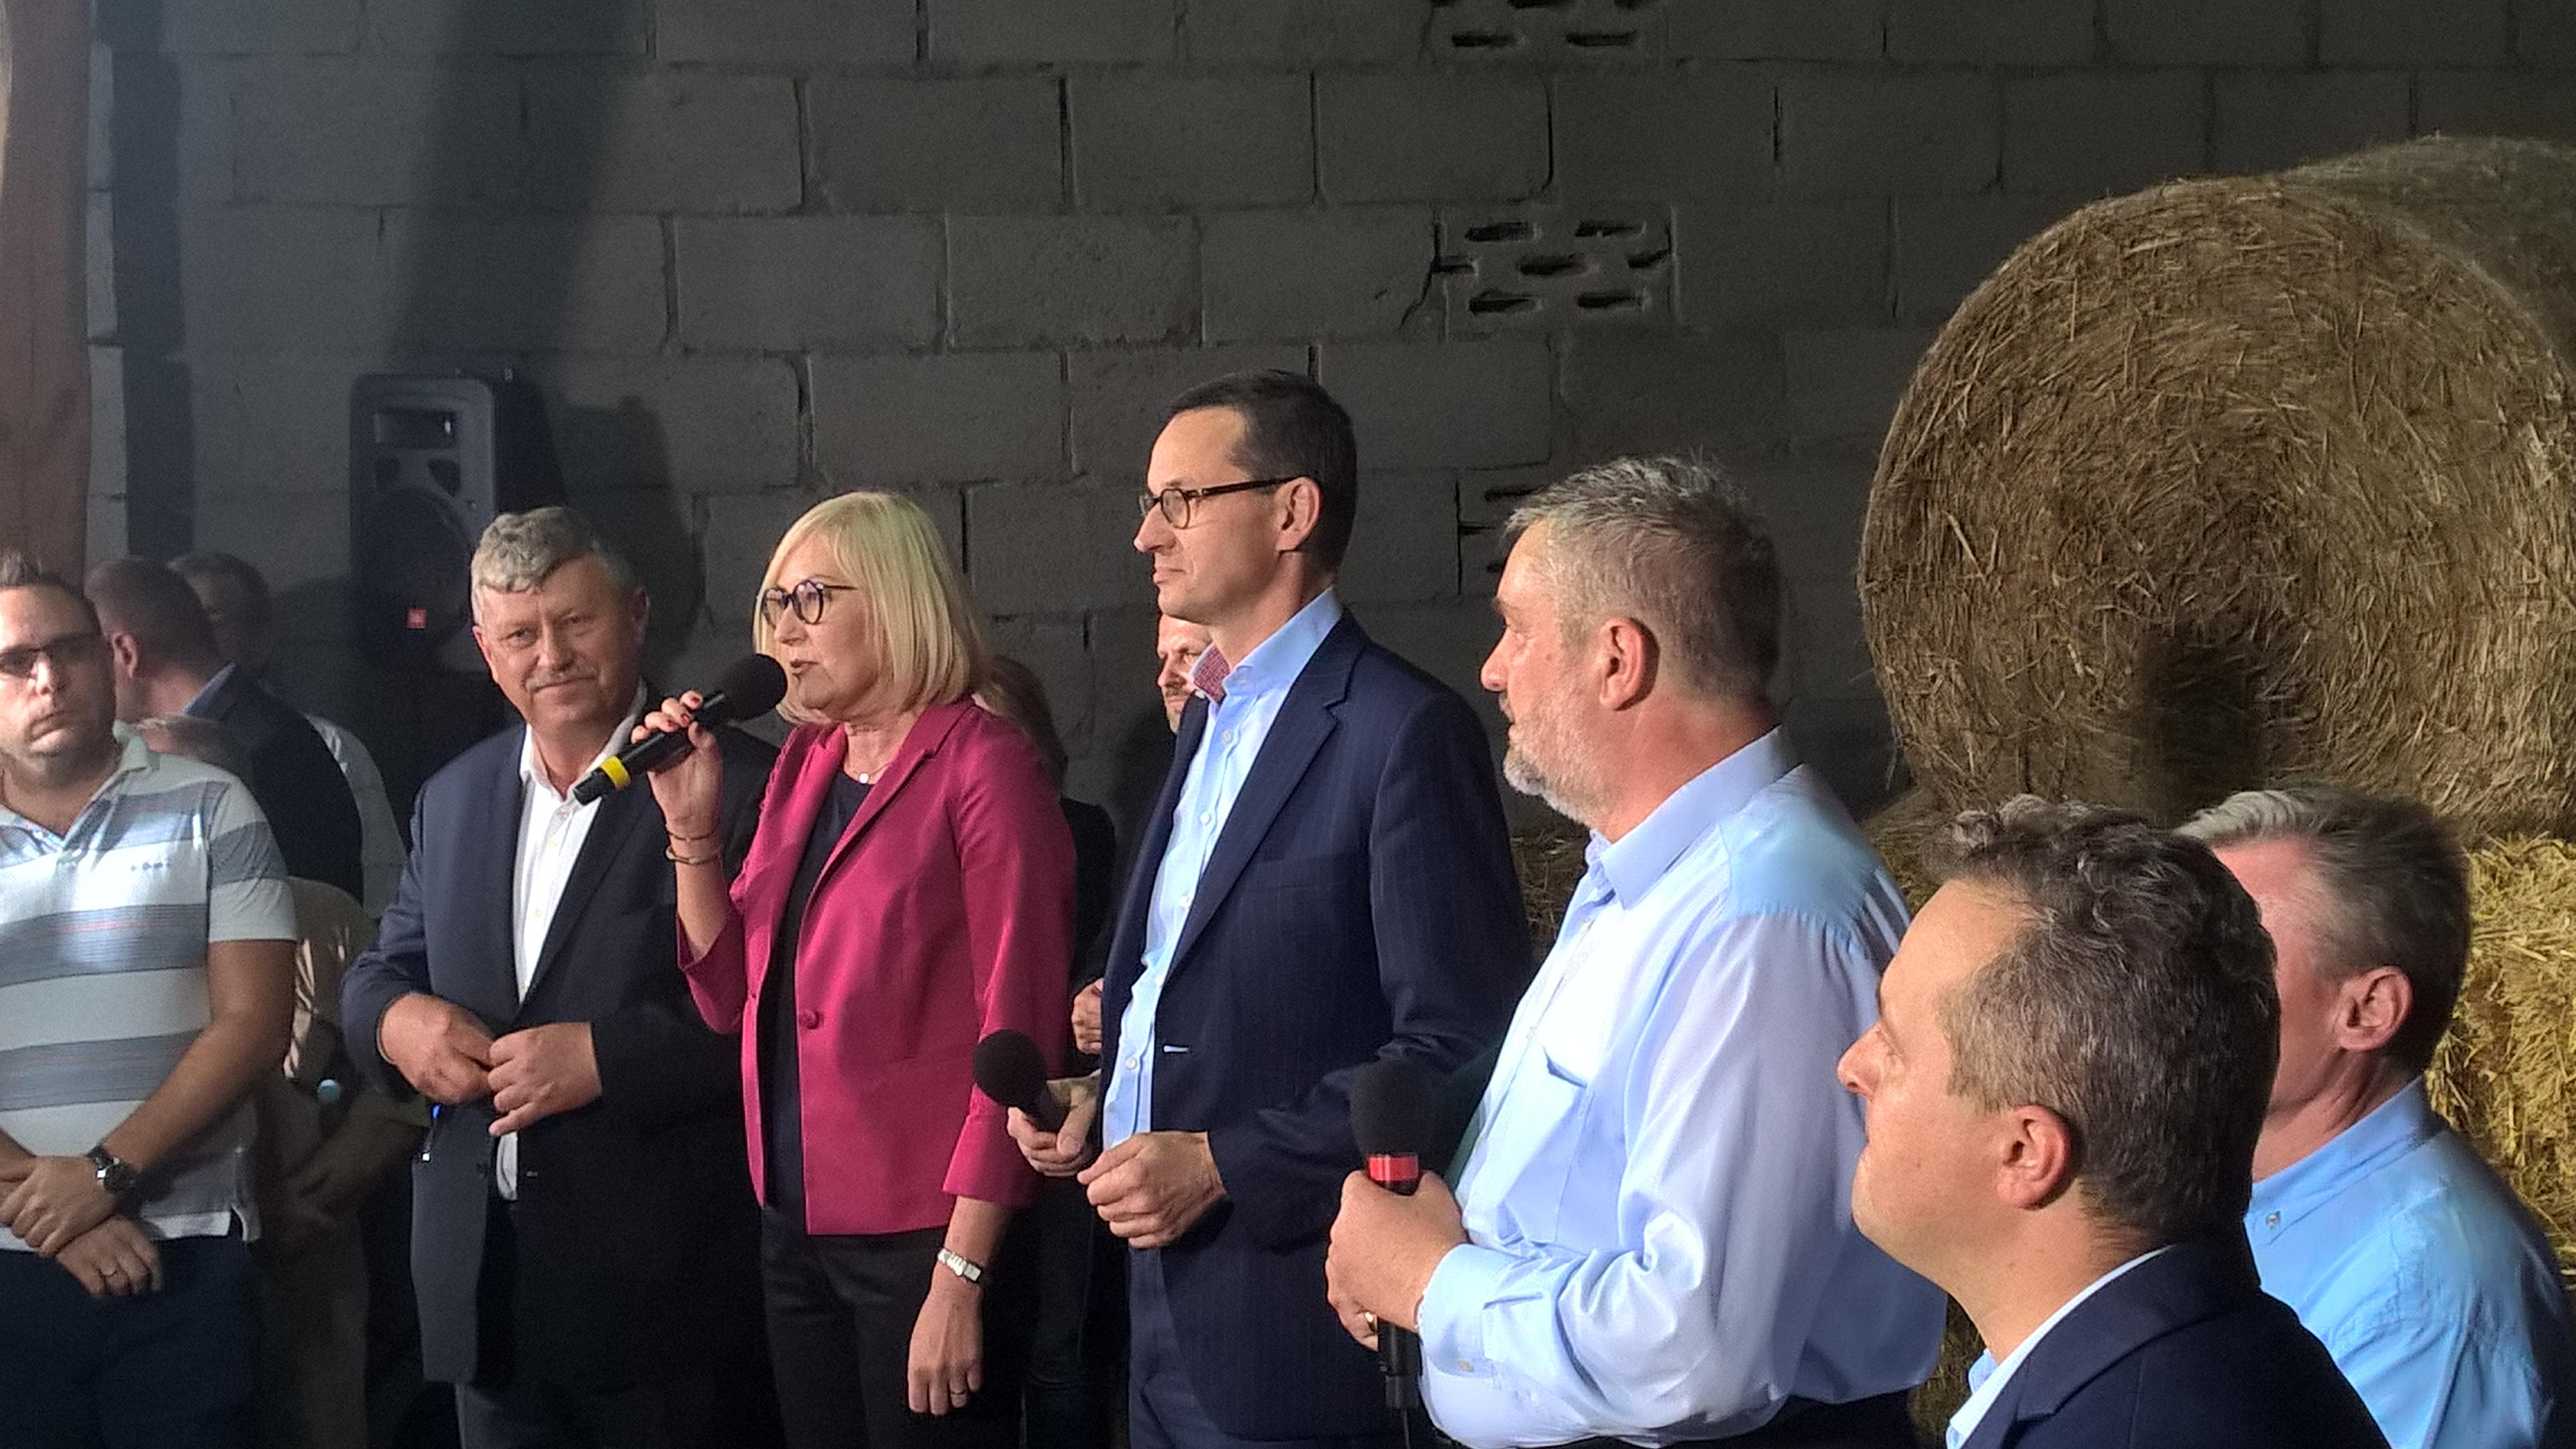 Przedstawiciele PZPRZ na spotkaniu z Premierem Morawieckim i Ministrem Ardanowskim – ogłoszenie Planu dla wsi